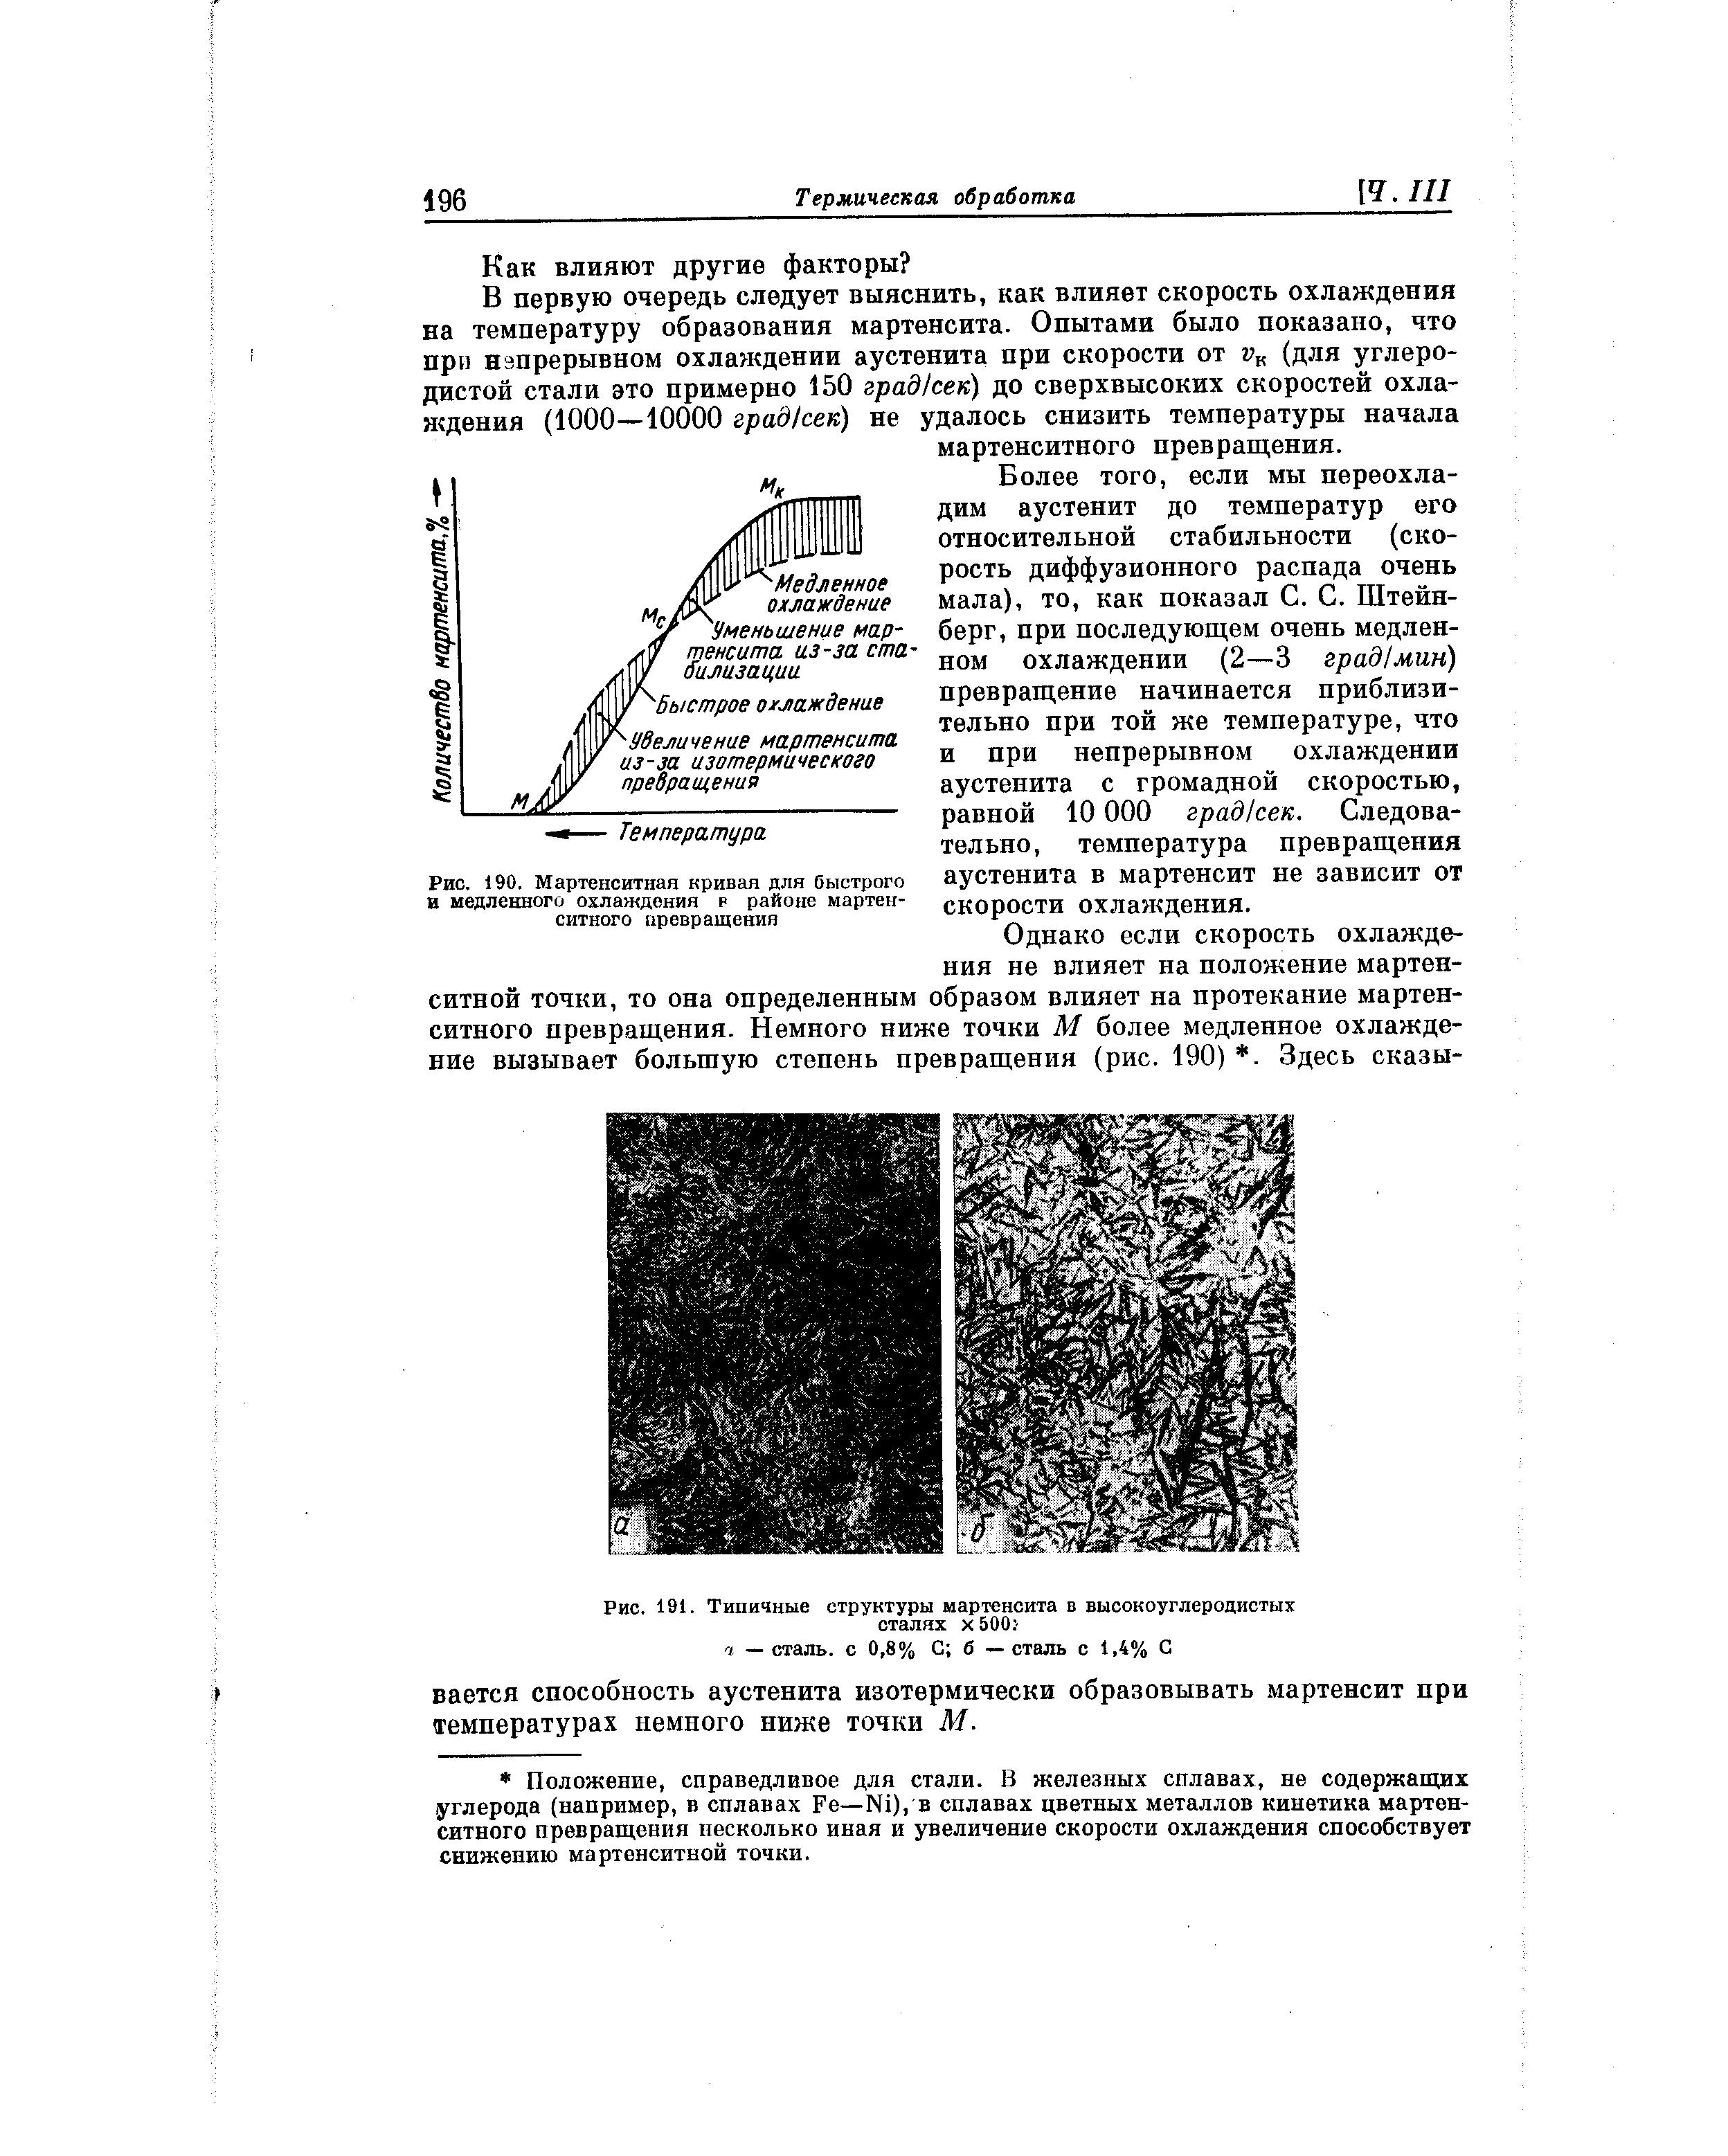 Мартенсит и мартенситные стали — структура, кристаллическая решетка, свойства